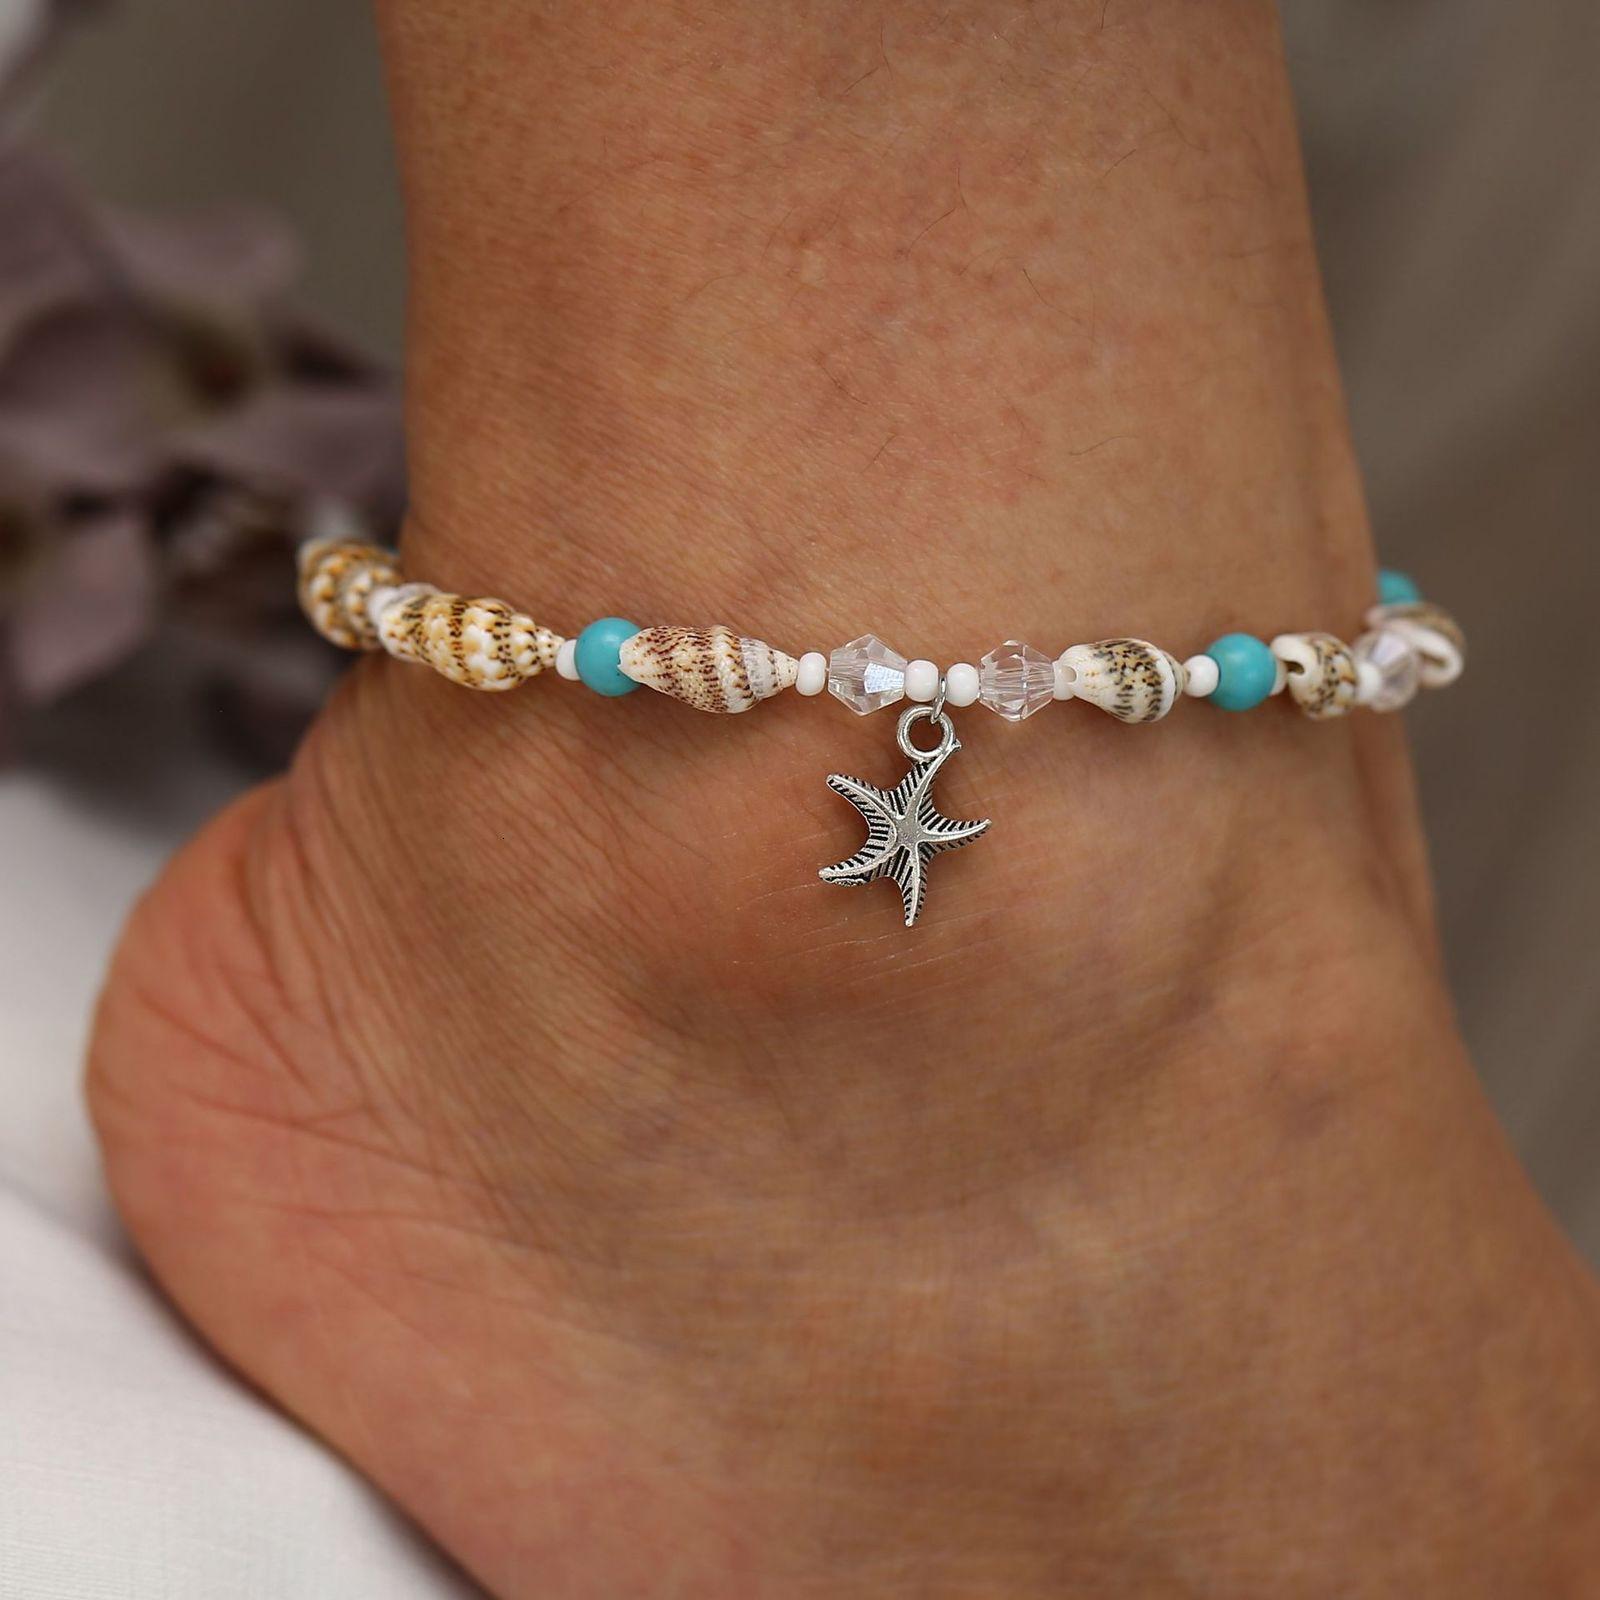 Nuevo estilo Conch Beads Yoga Anklet Pulsera Playa Starfish Colgante Cáscara de cristal Pies